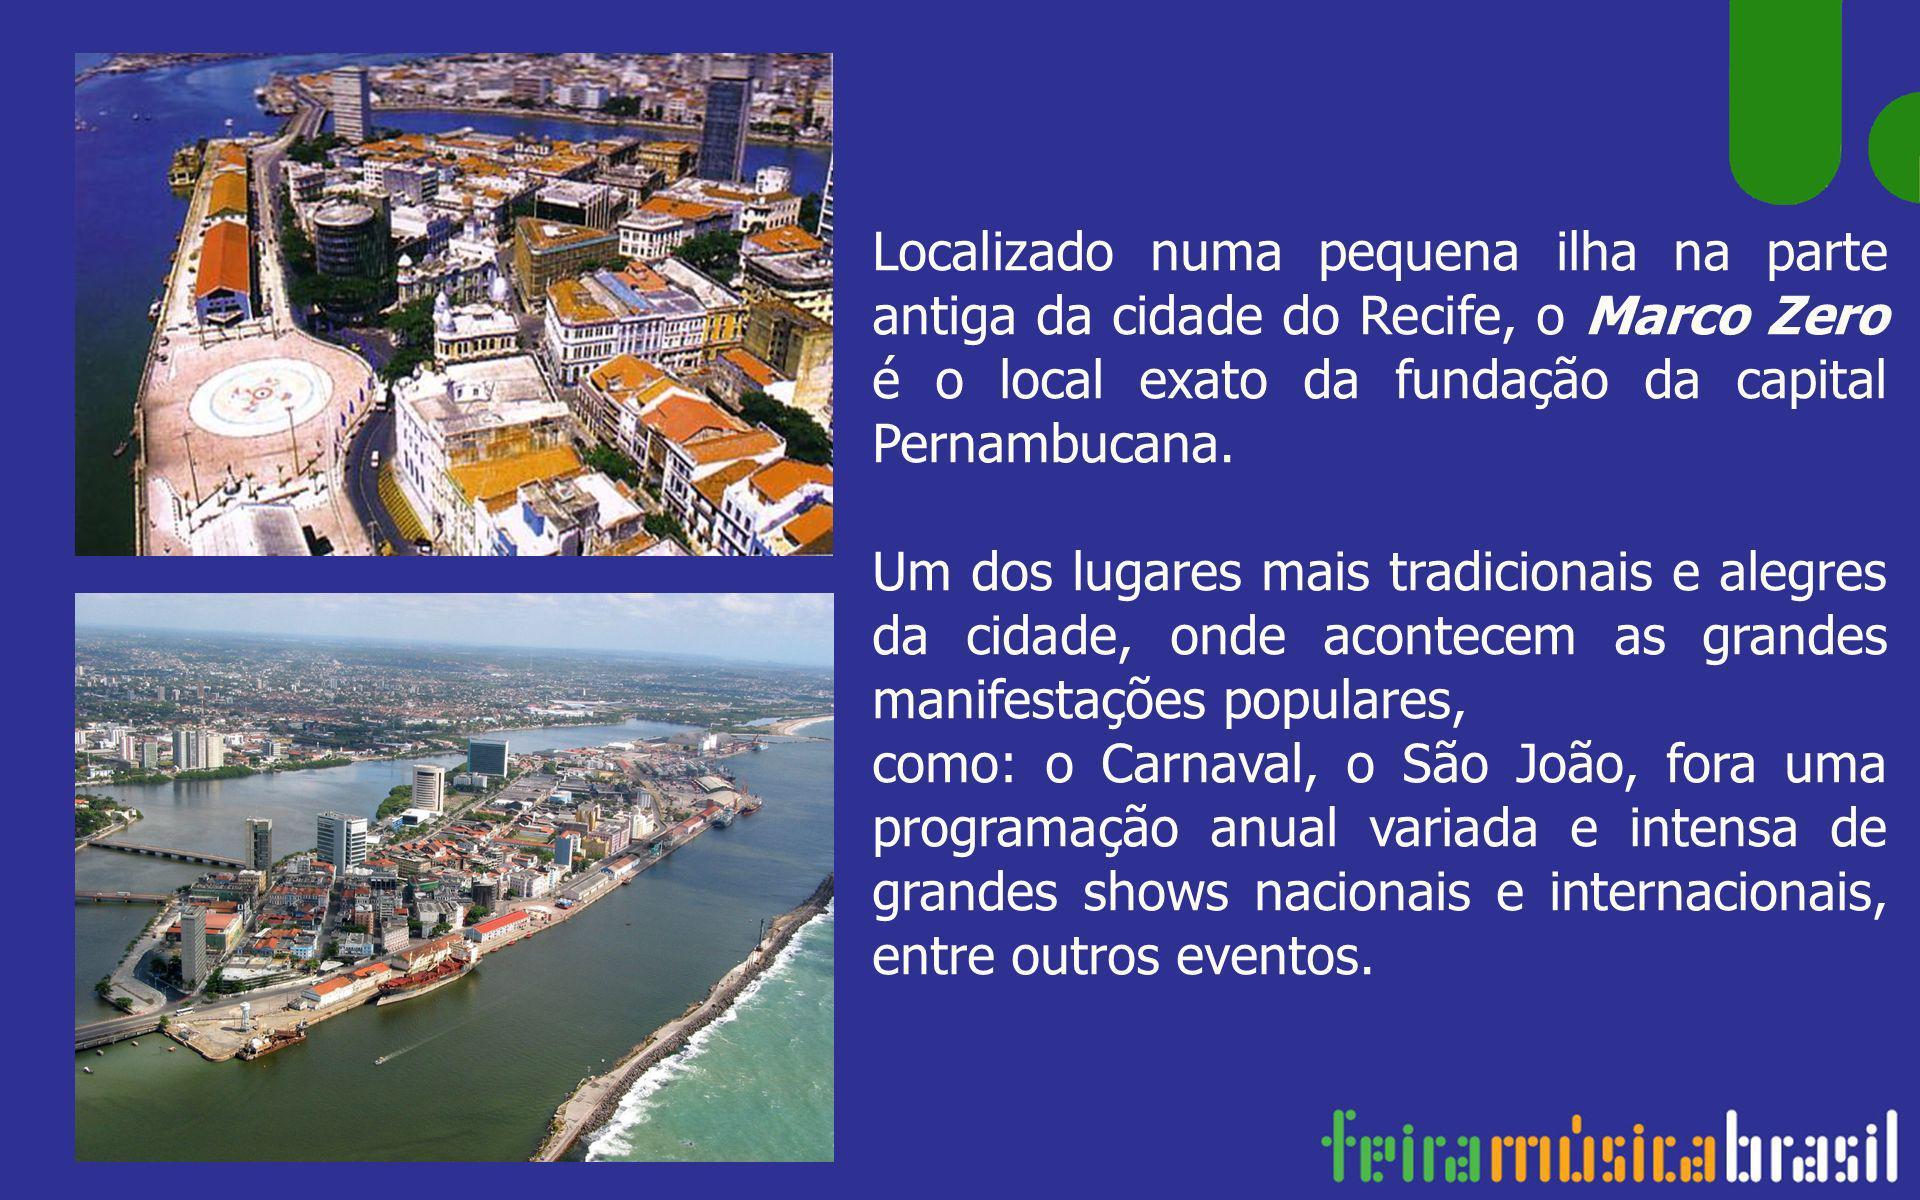 Localizado numa pequena ilha na parte antiga da cidade do Recife, o Marco Zero é o local exato da fundação da capital Pernambucana.